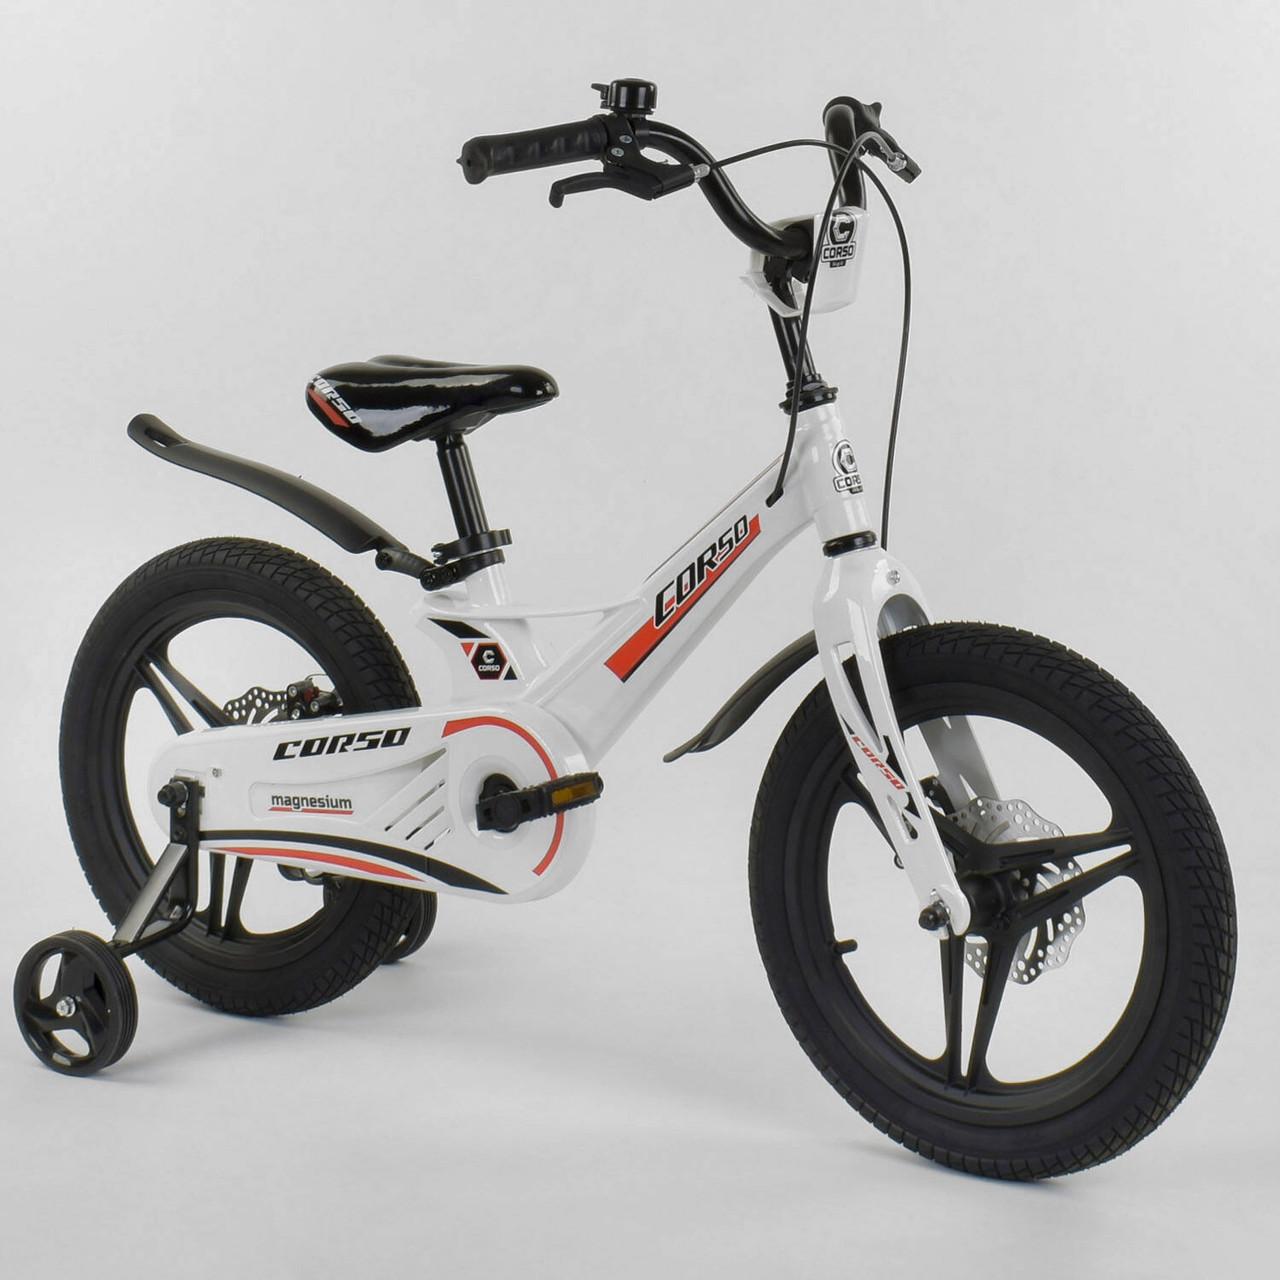 """Детский велосипед 16"""" дюймов 2-х колёсный Corso MG-54655 Белый, магниевая рама, дисковый тормоз"""